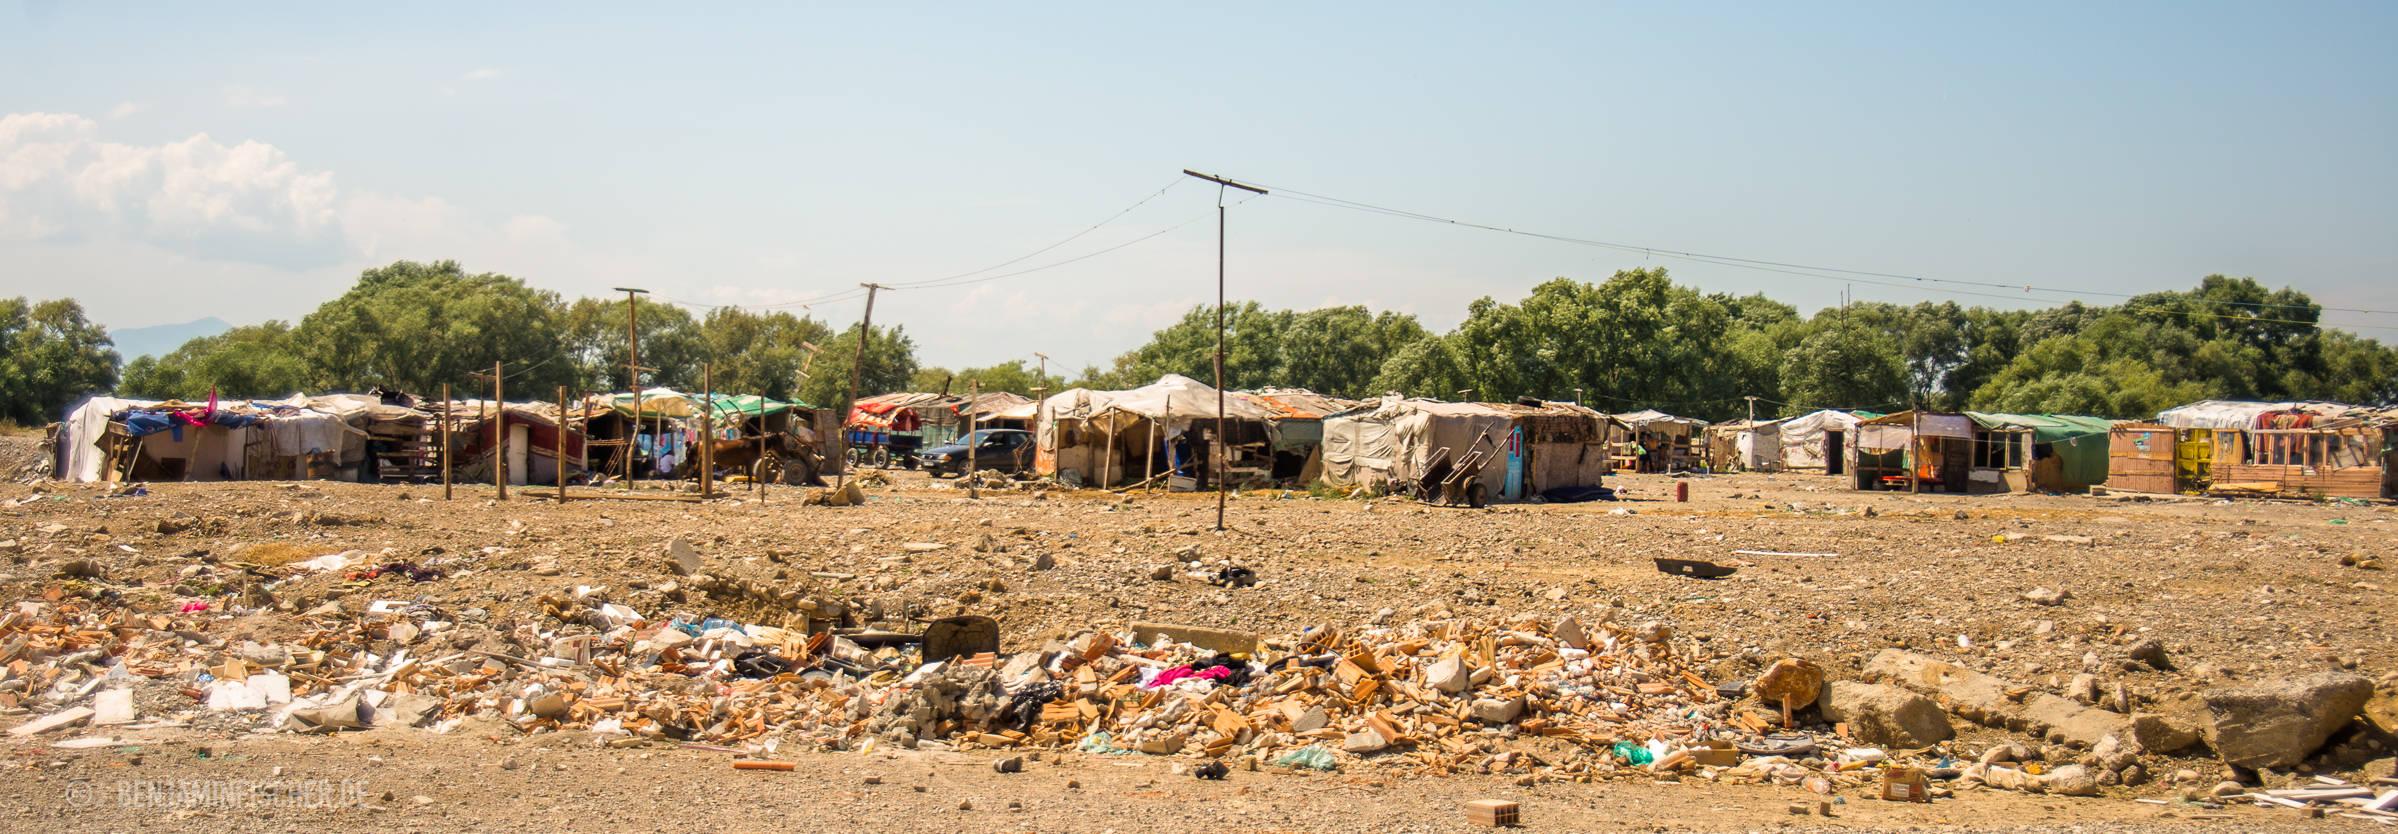 Die meisten Behausungen im Slum sind aus Stangen und Zeltplanen errichtet.